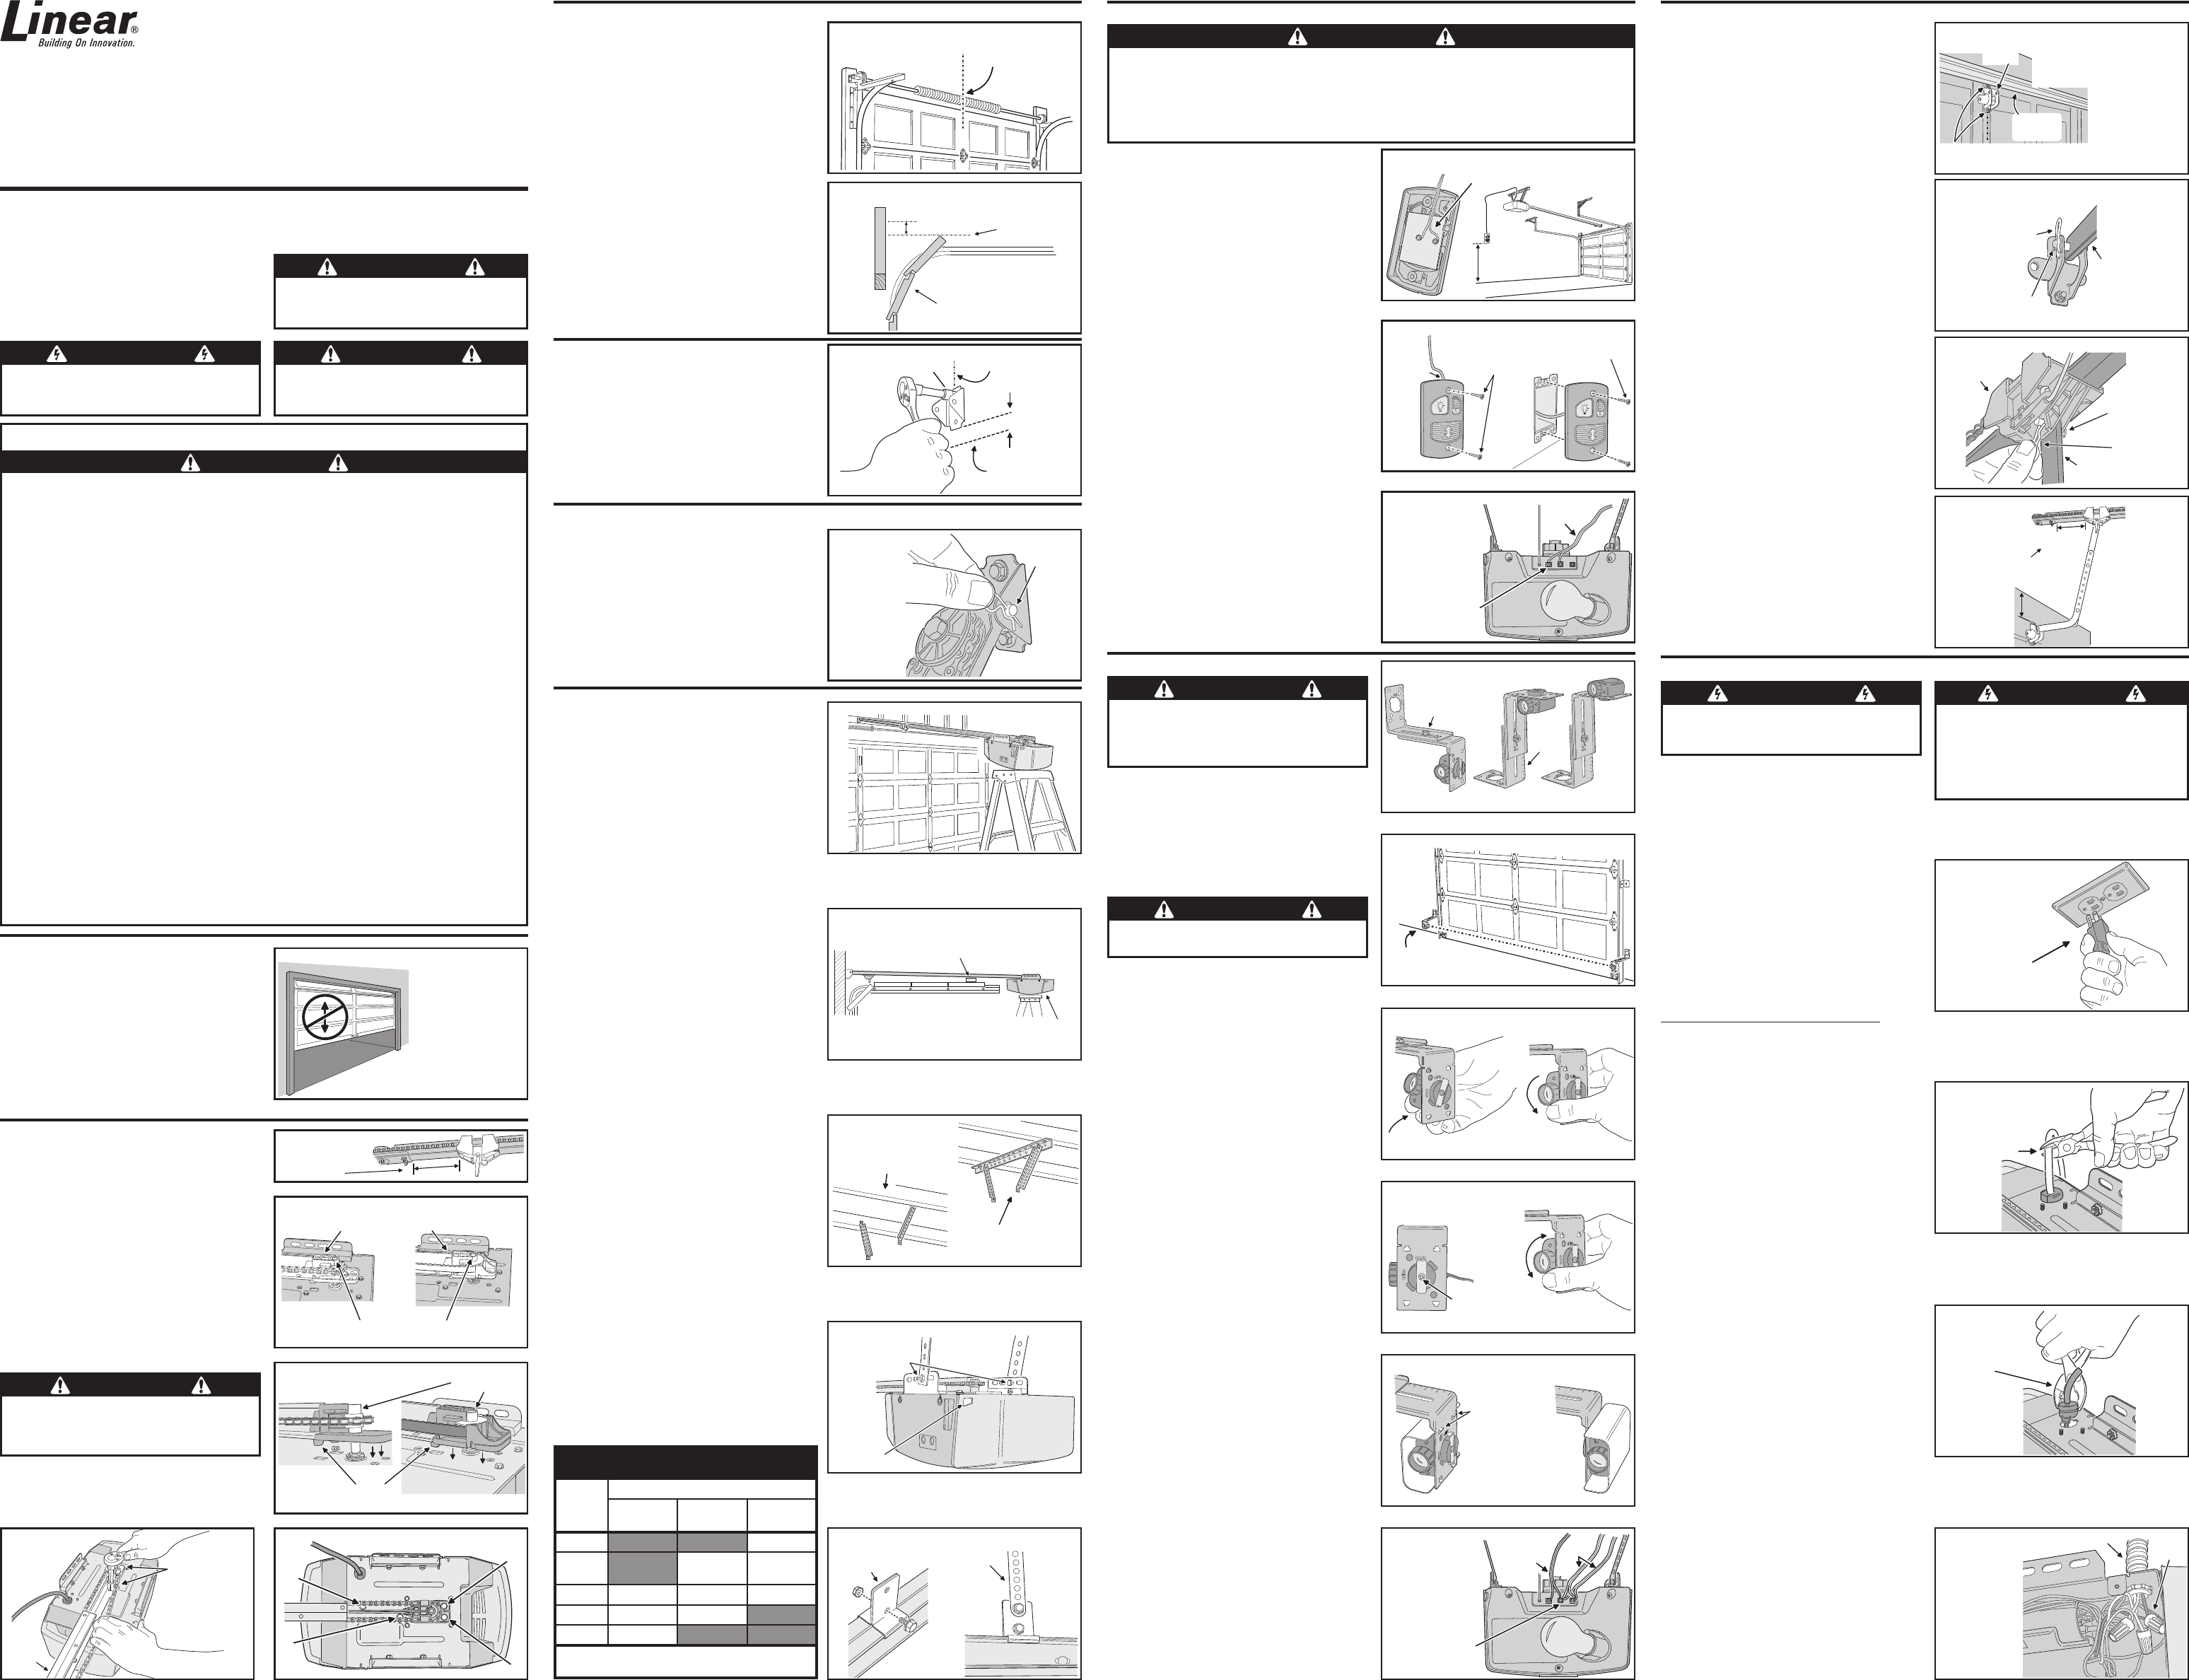 Linear Garage Door Opener Lco75 User Guide Manualsonline Com